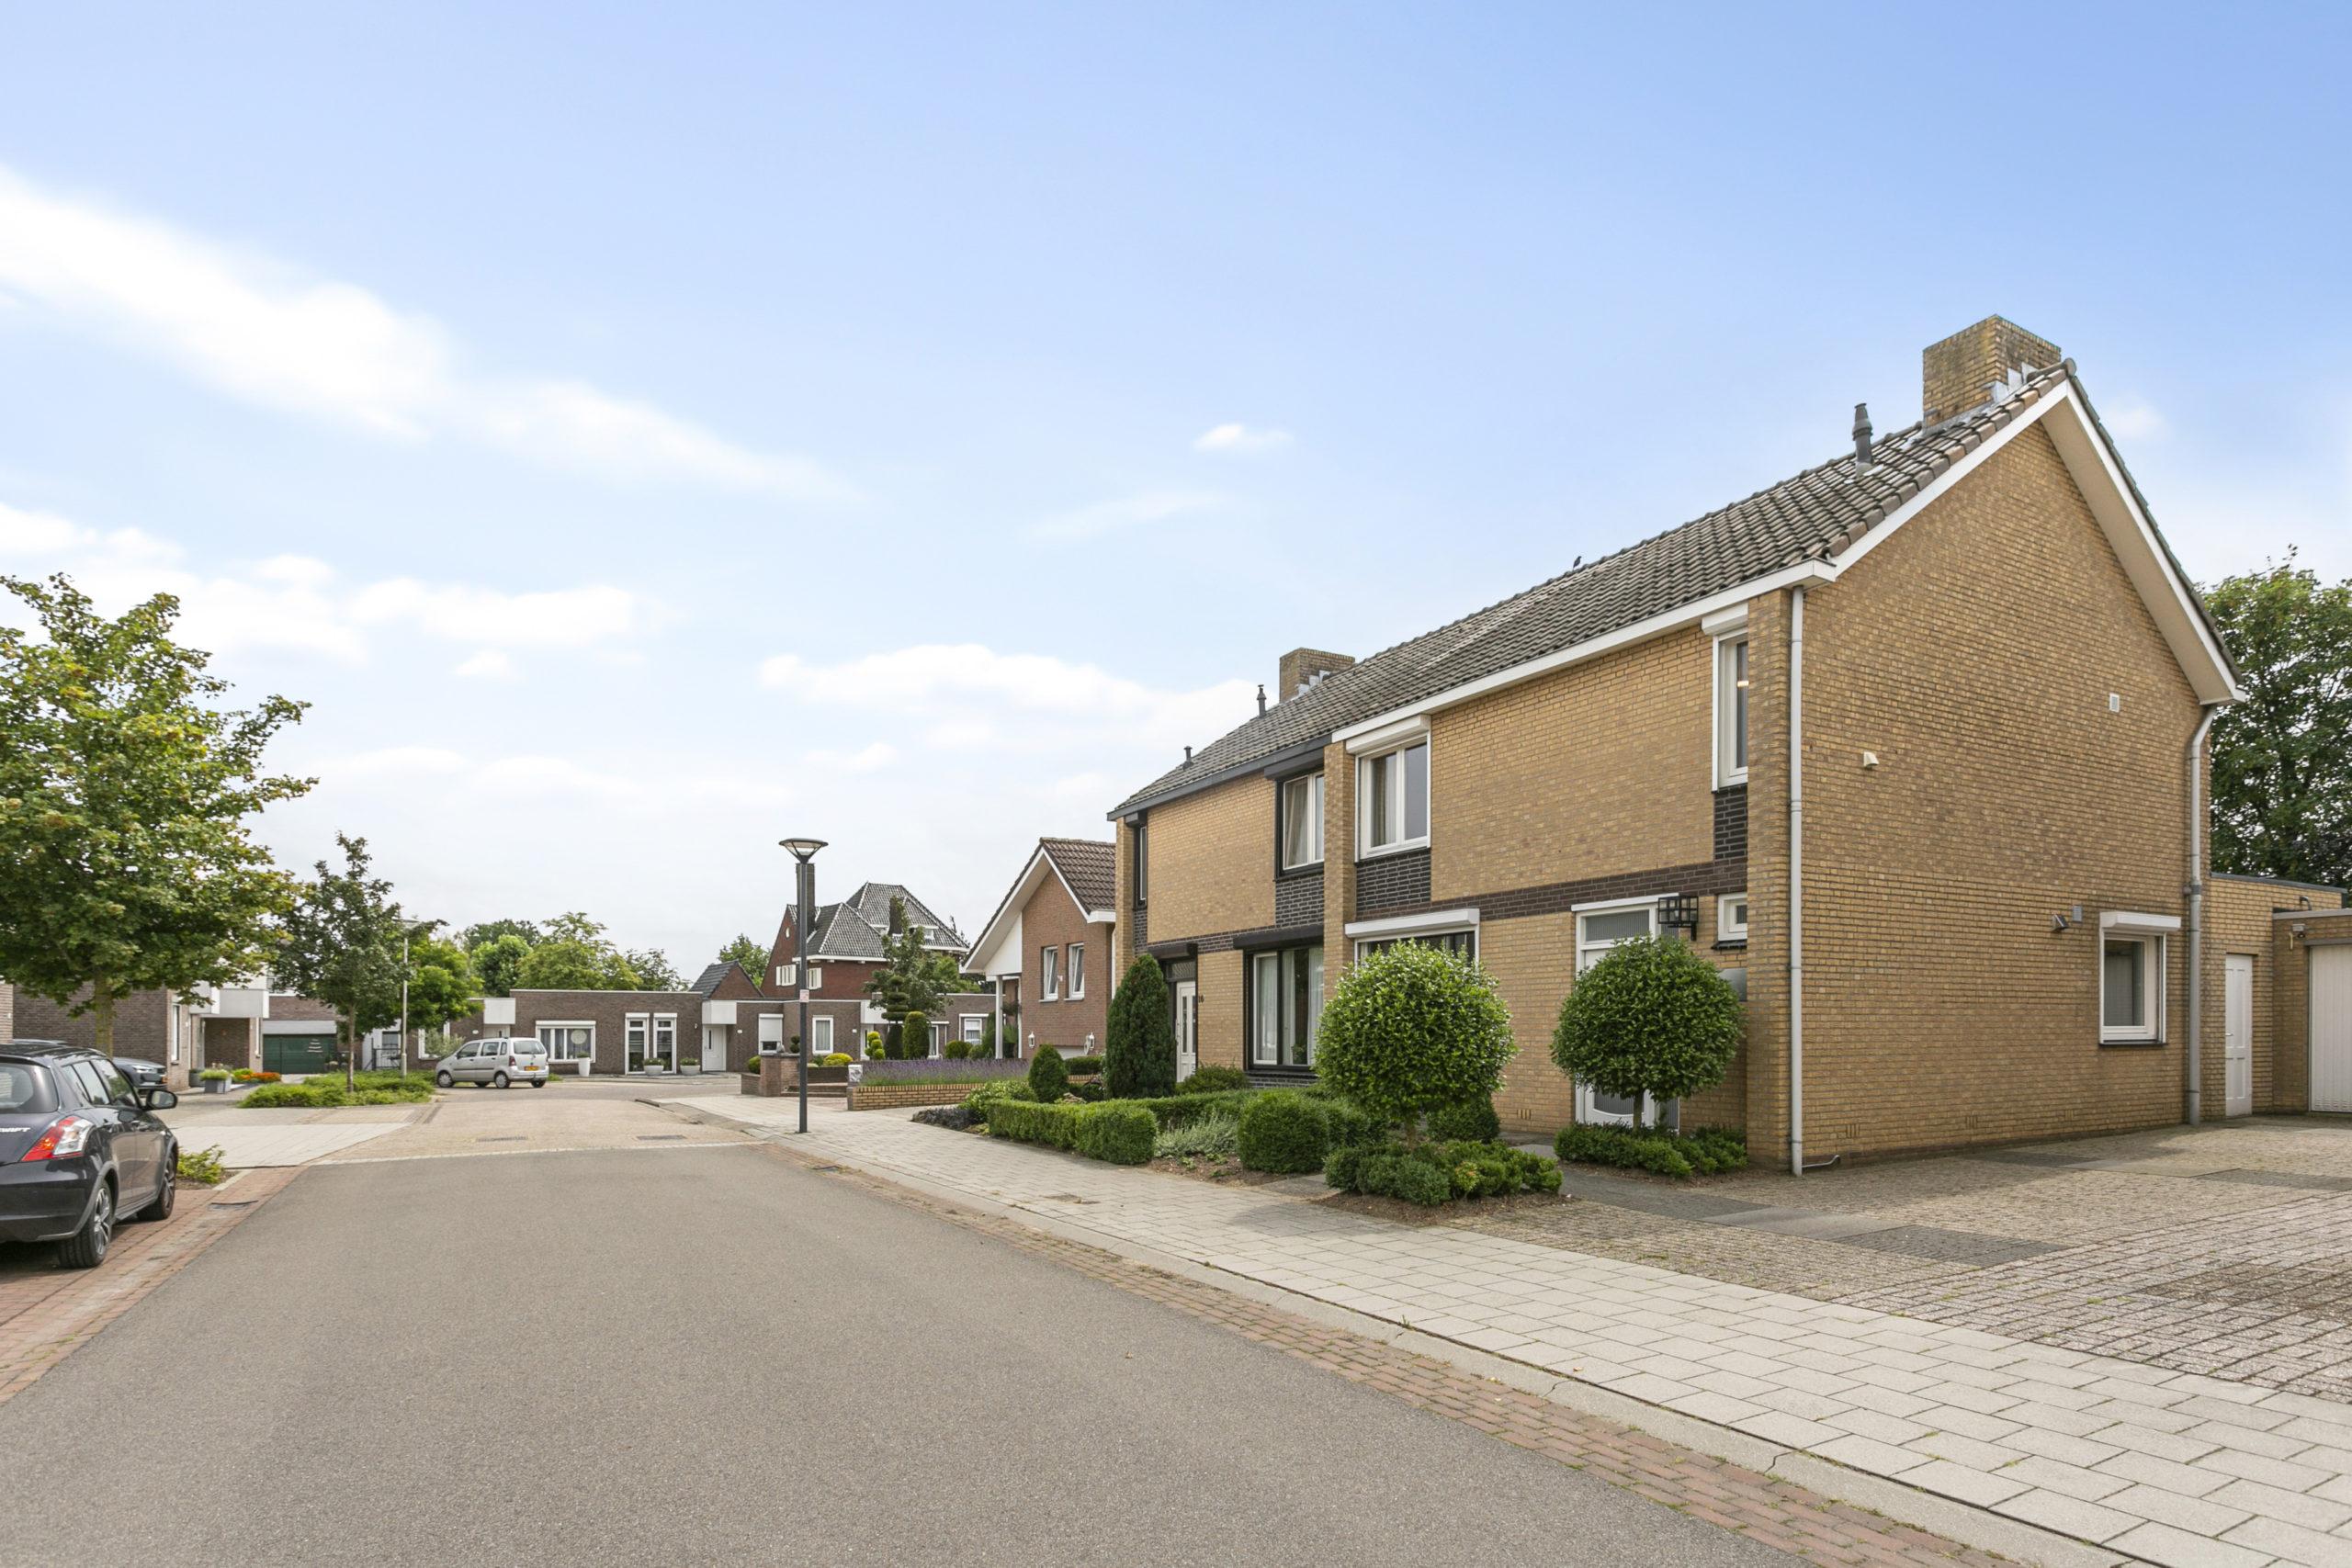 9_PrinsesChristinastraat14Echt-01